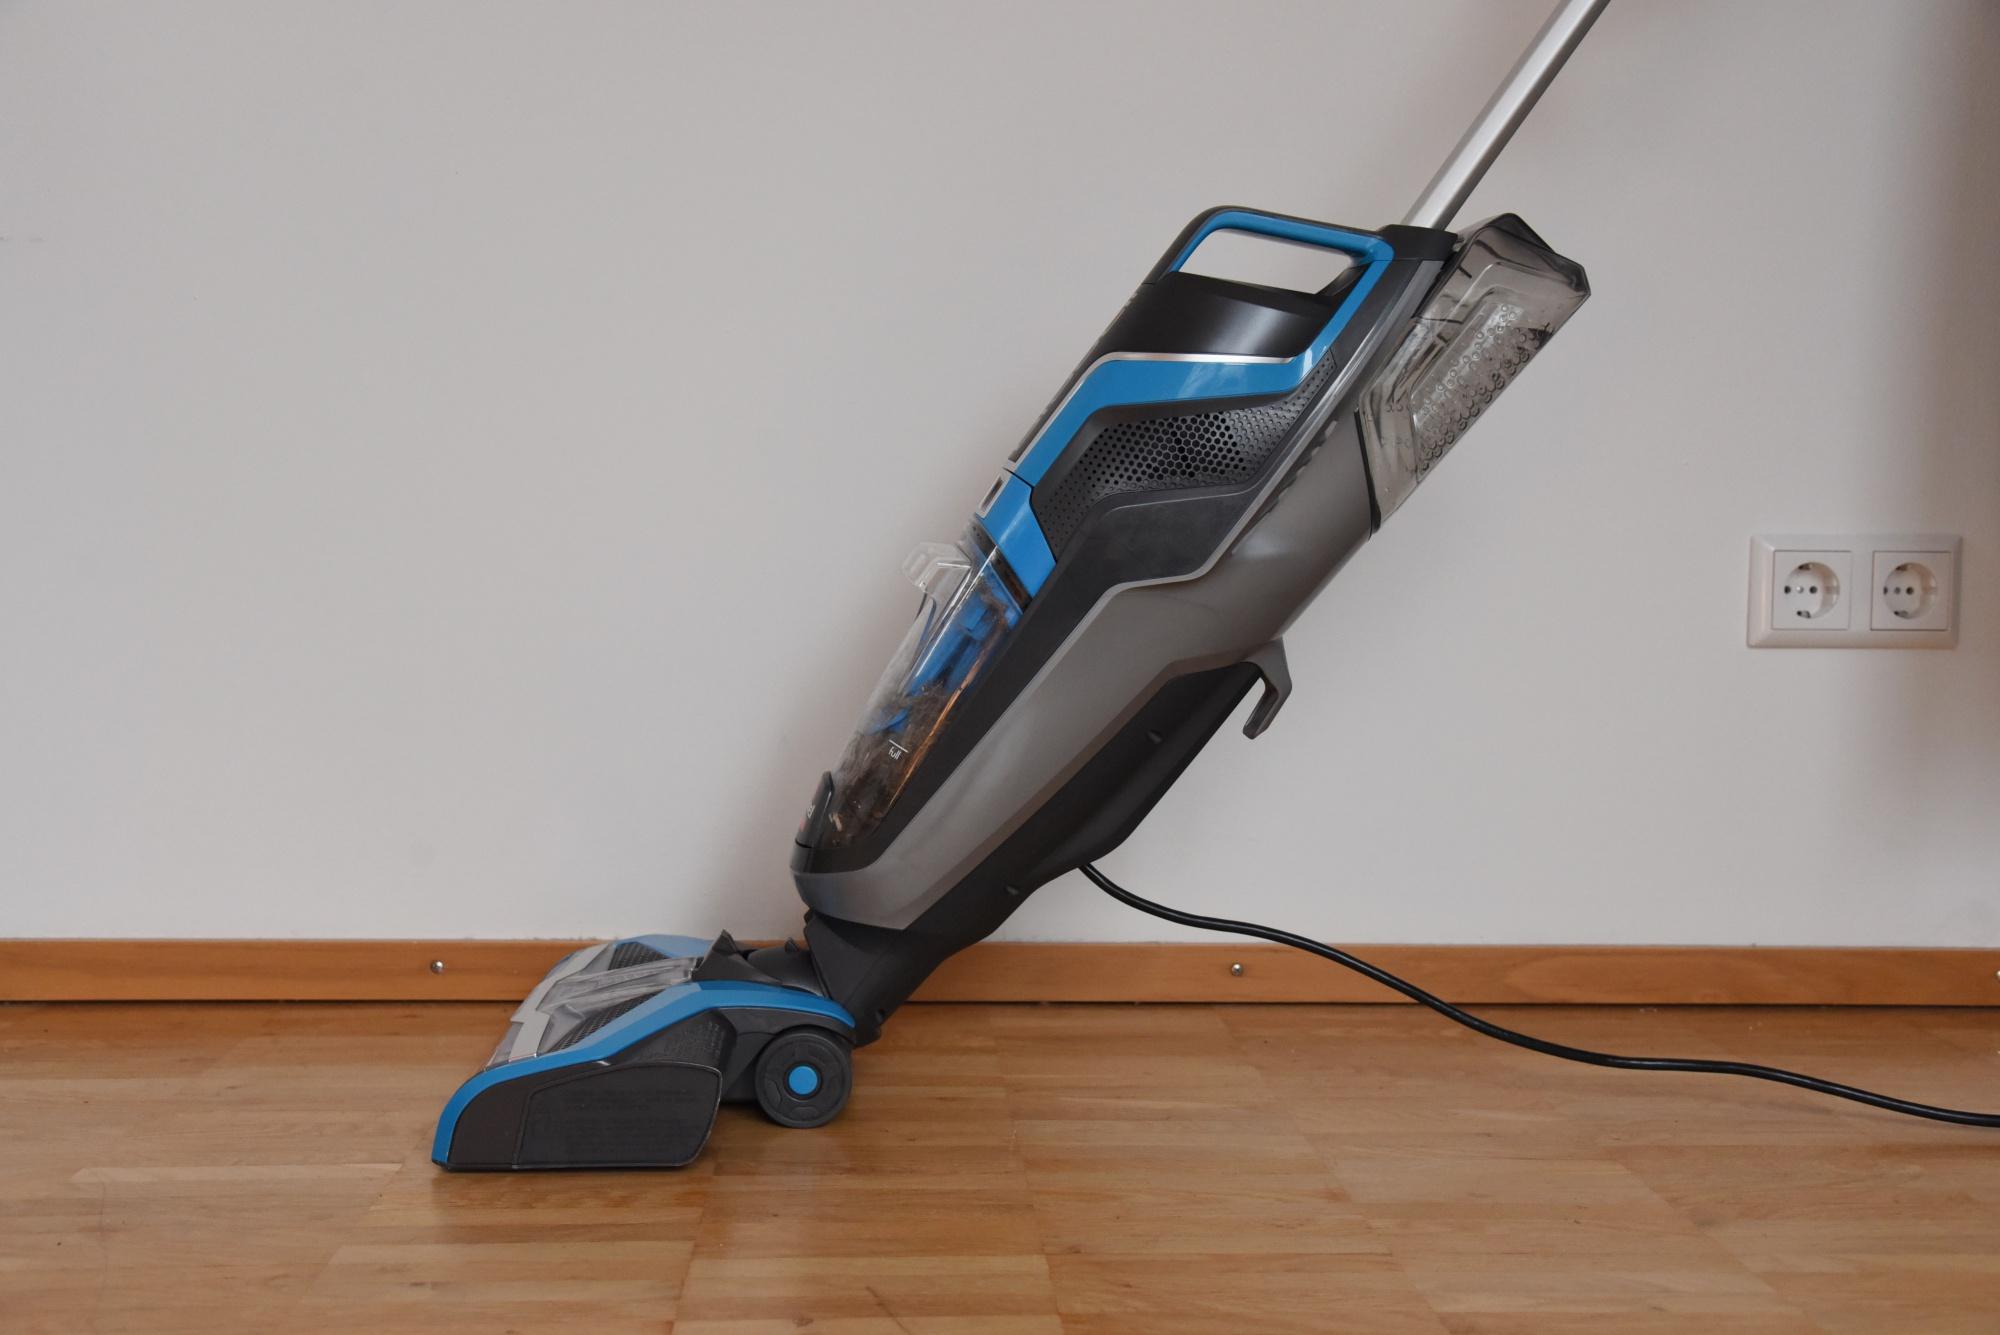 staubsauger saugen und wischen vorwerk saugen und wischen. Black Bedroom Furniture Sets. Home Design Ideas